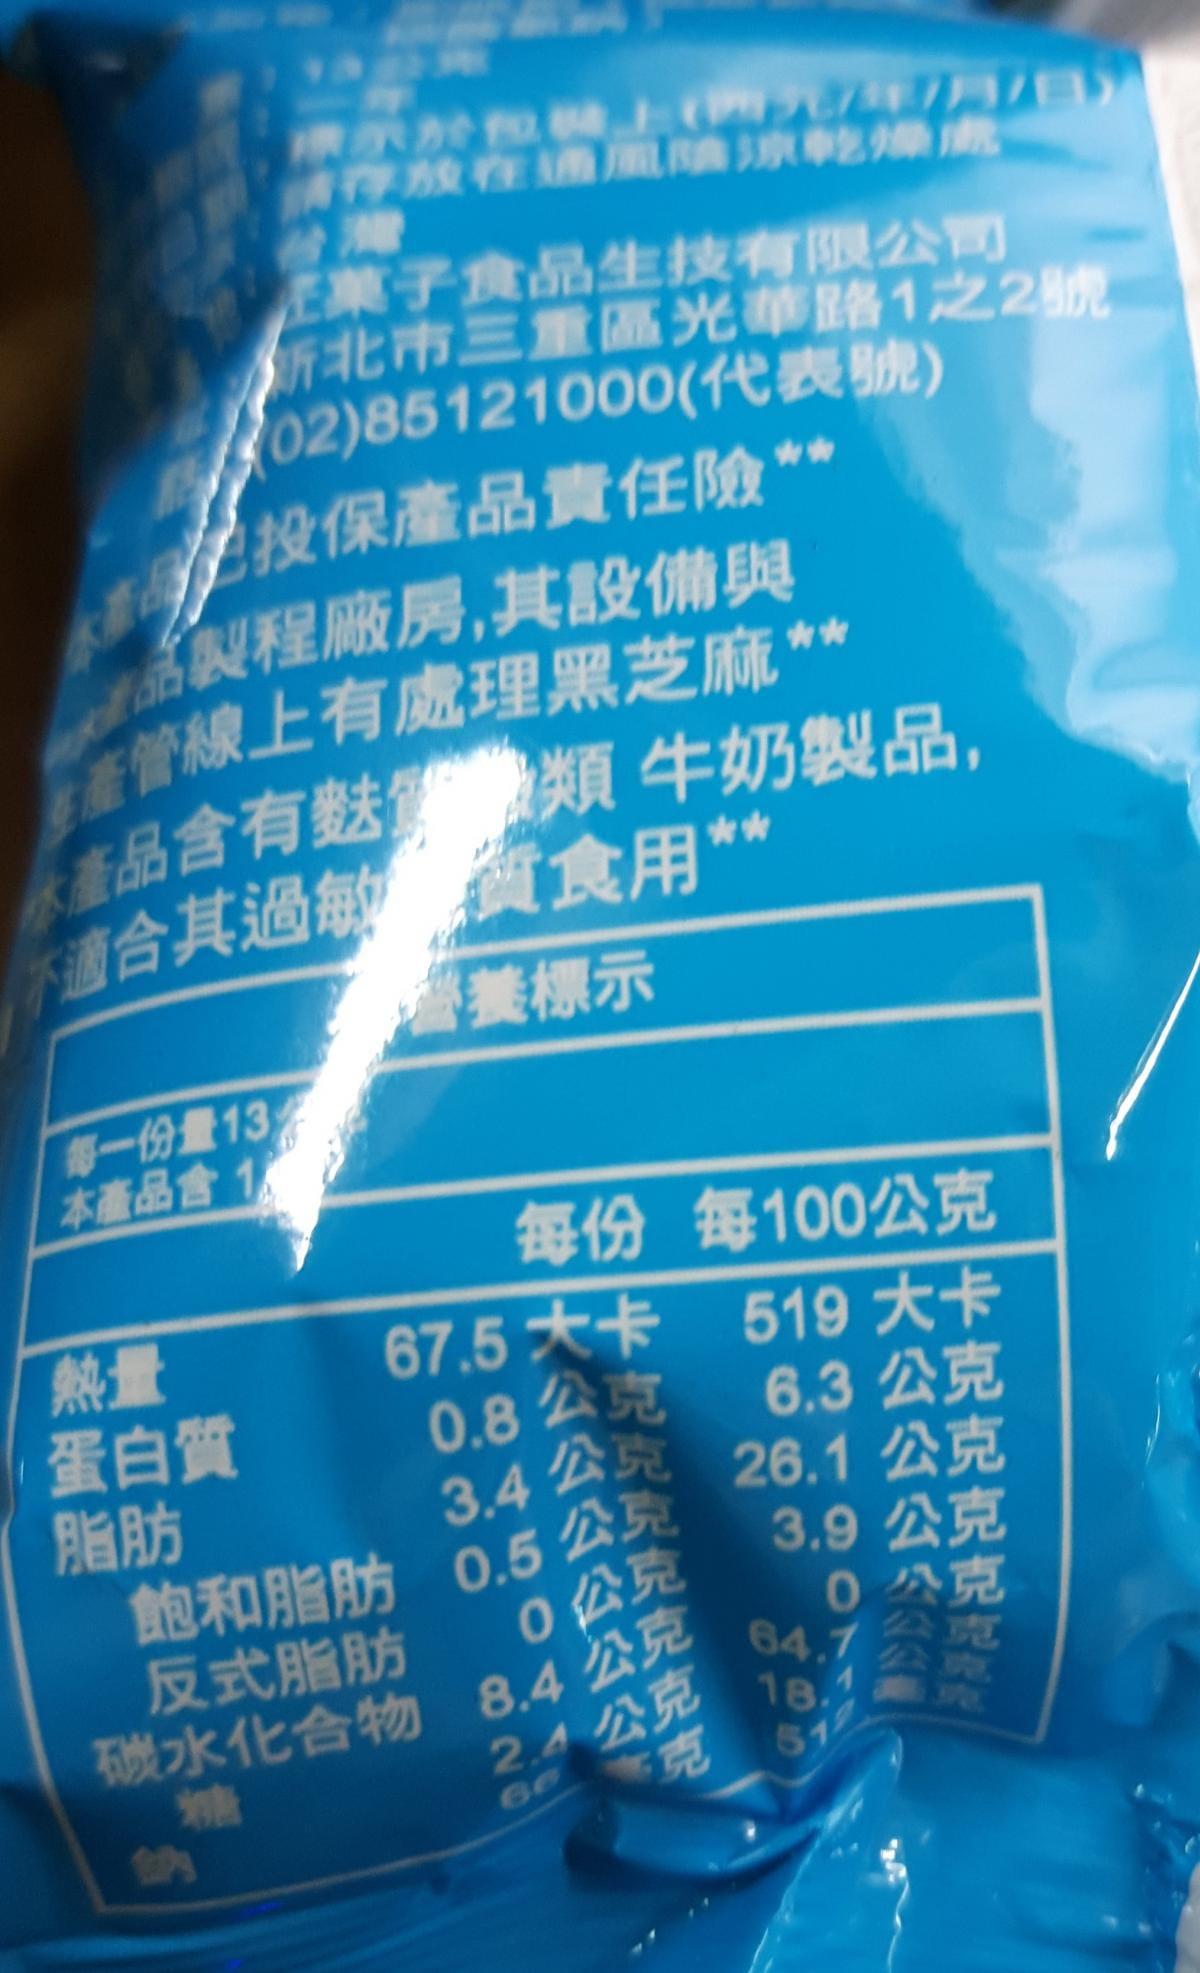 【匠菓子】牛奶造型餅乾-260g(20小包)/入 10